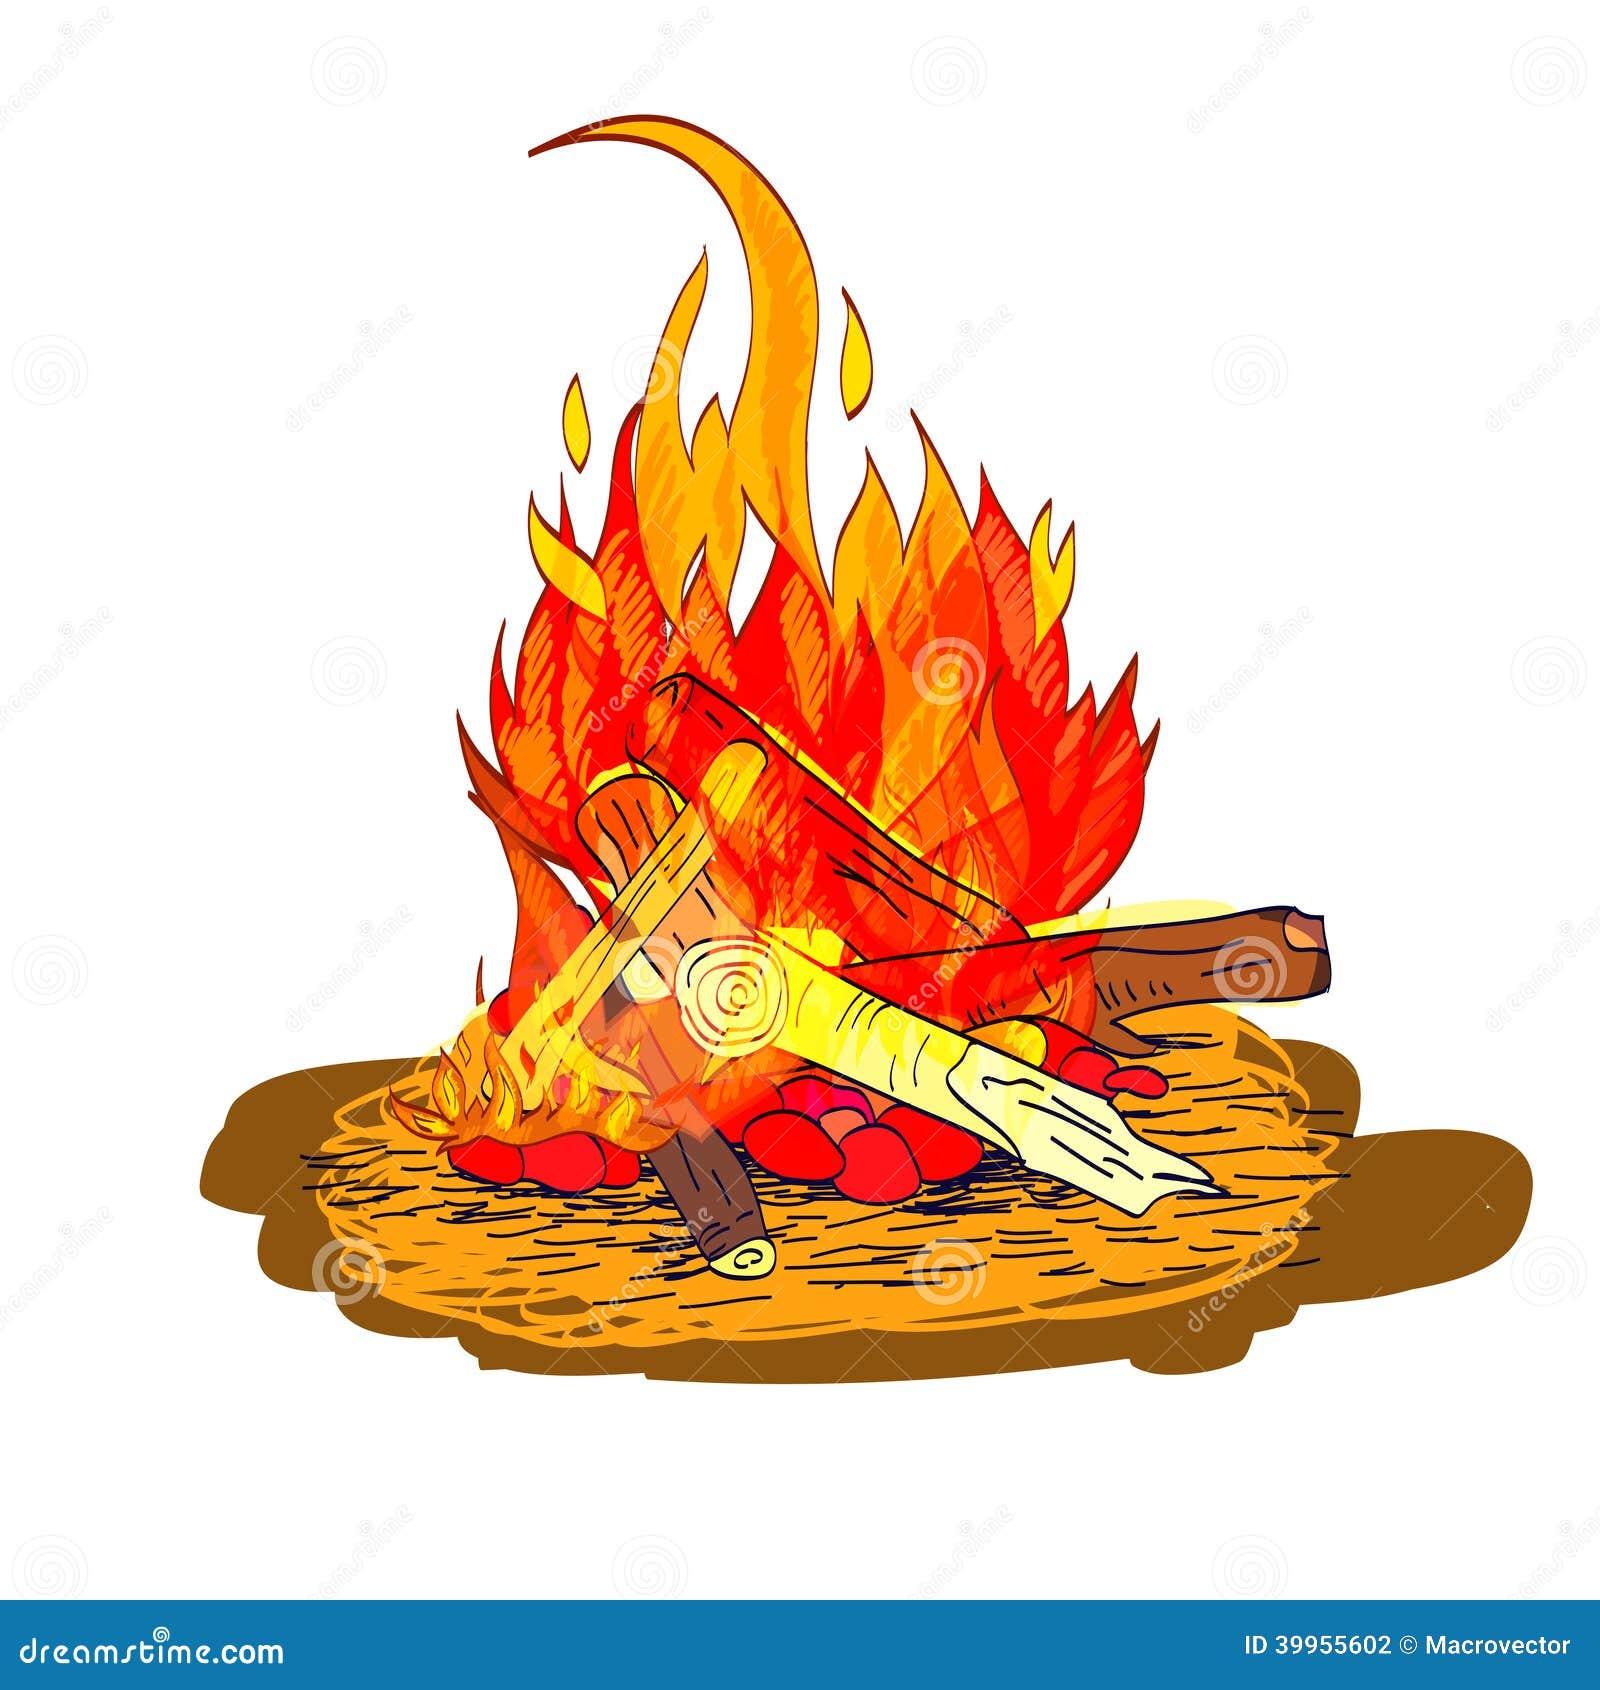 эскиз огня: